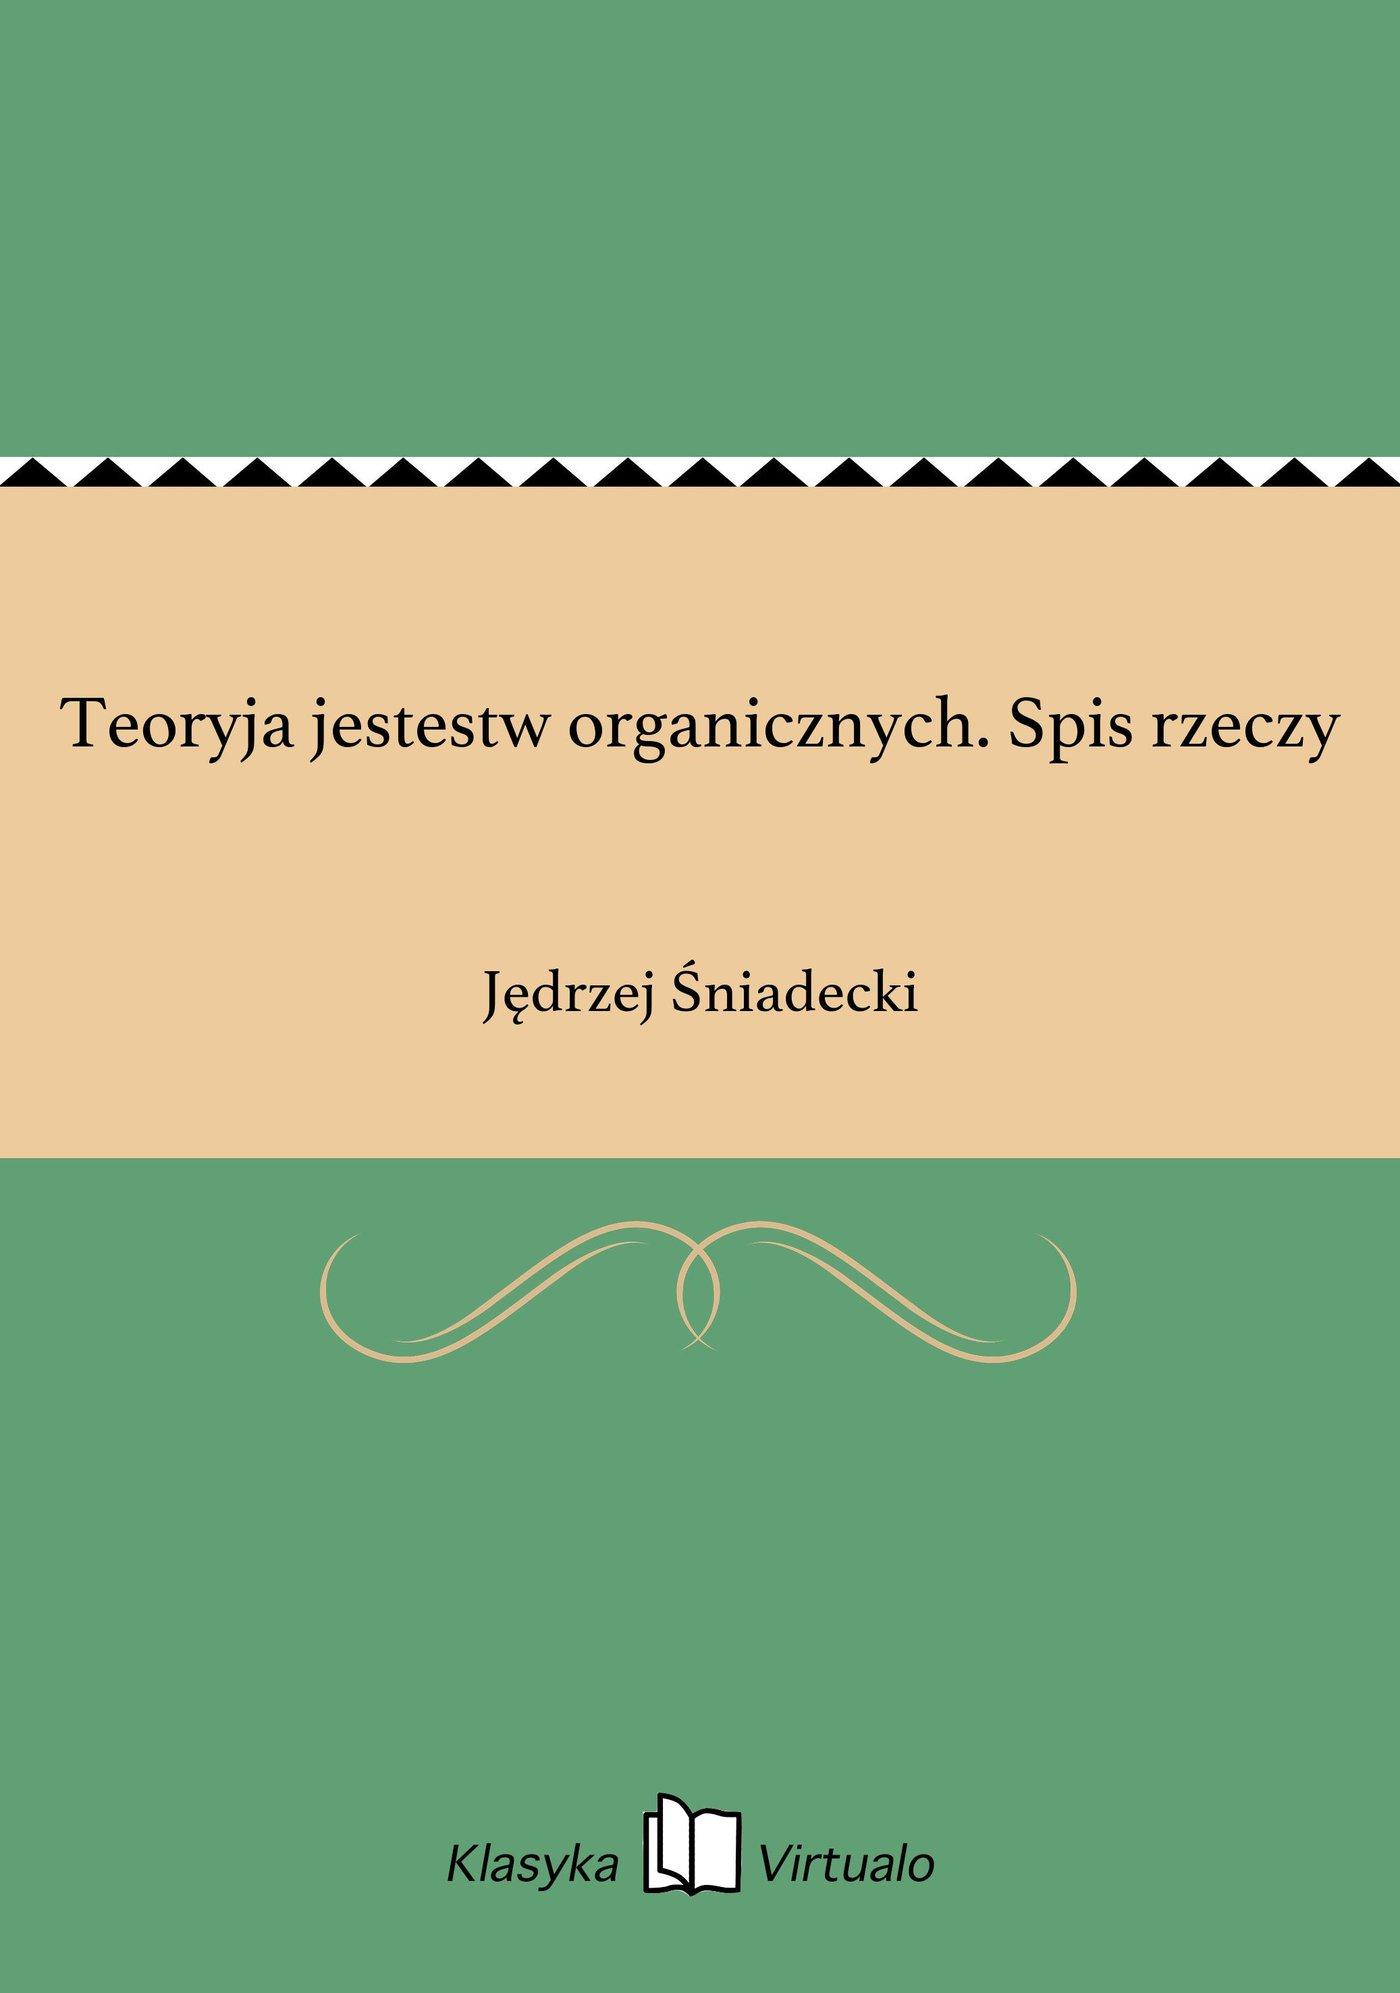 Teoryja jestestw organicznych. Spis rzeczy - Ebook (Książka na Kindle) do pobrania w formacie MOBI